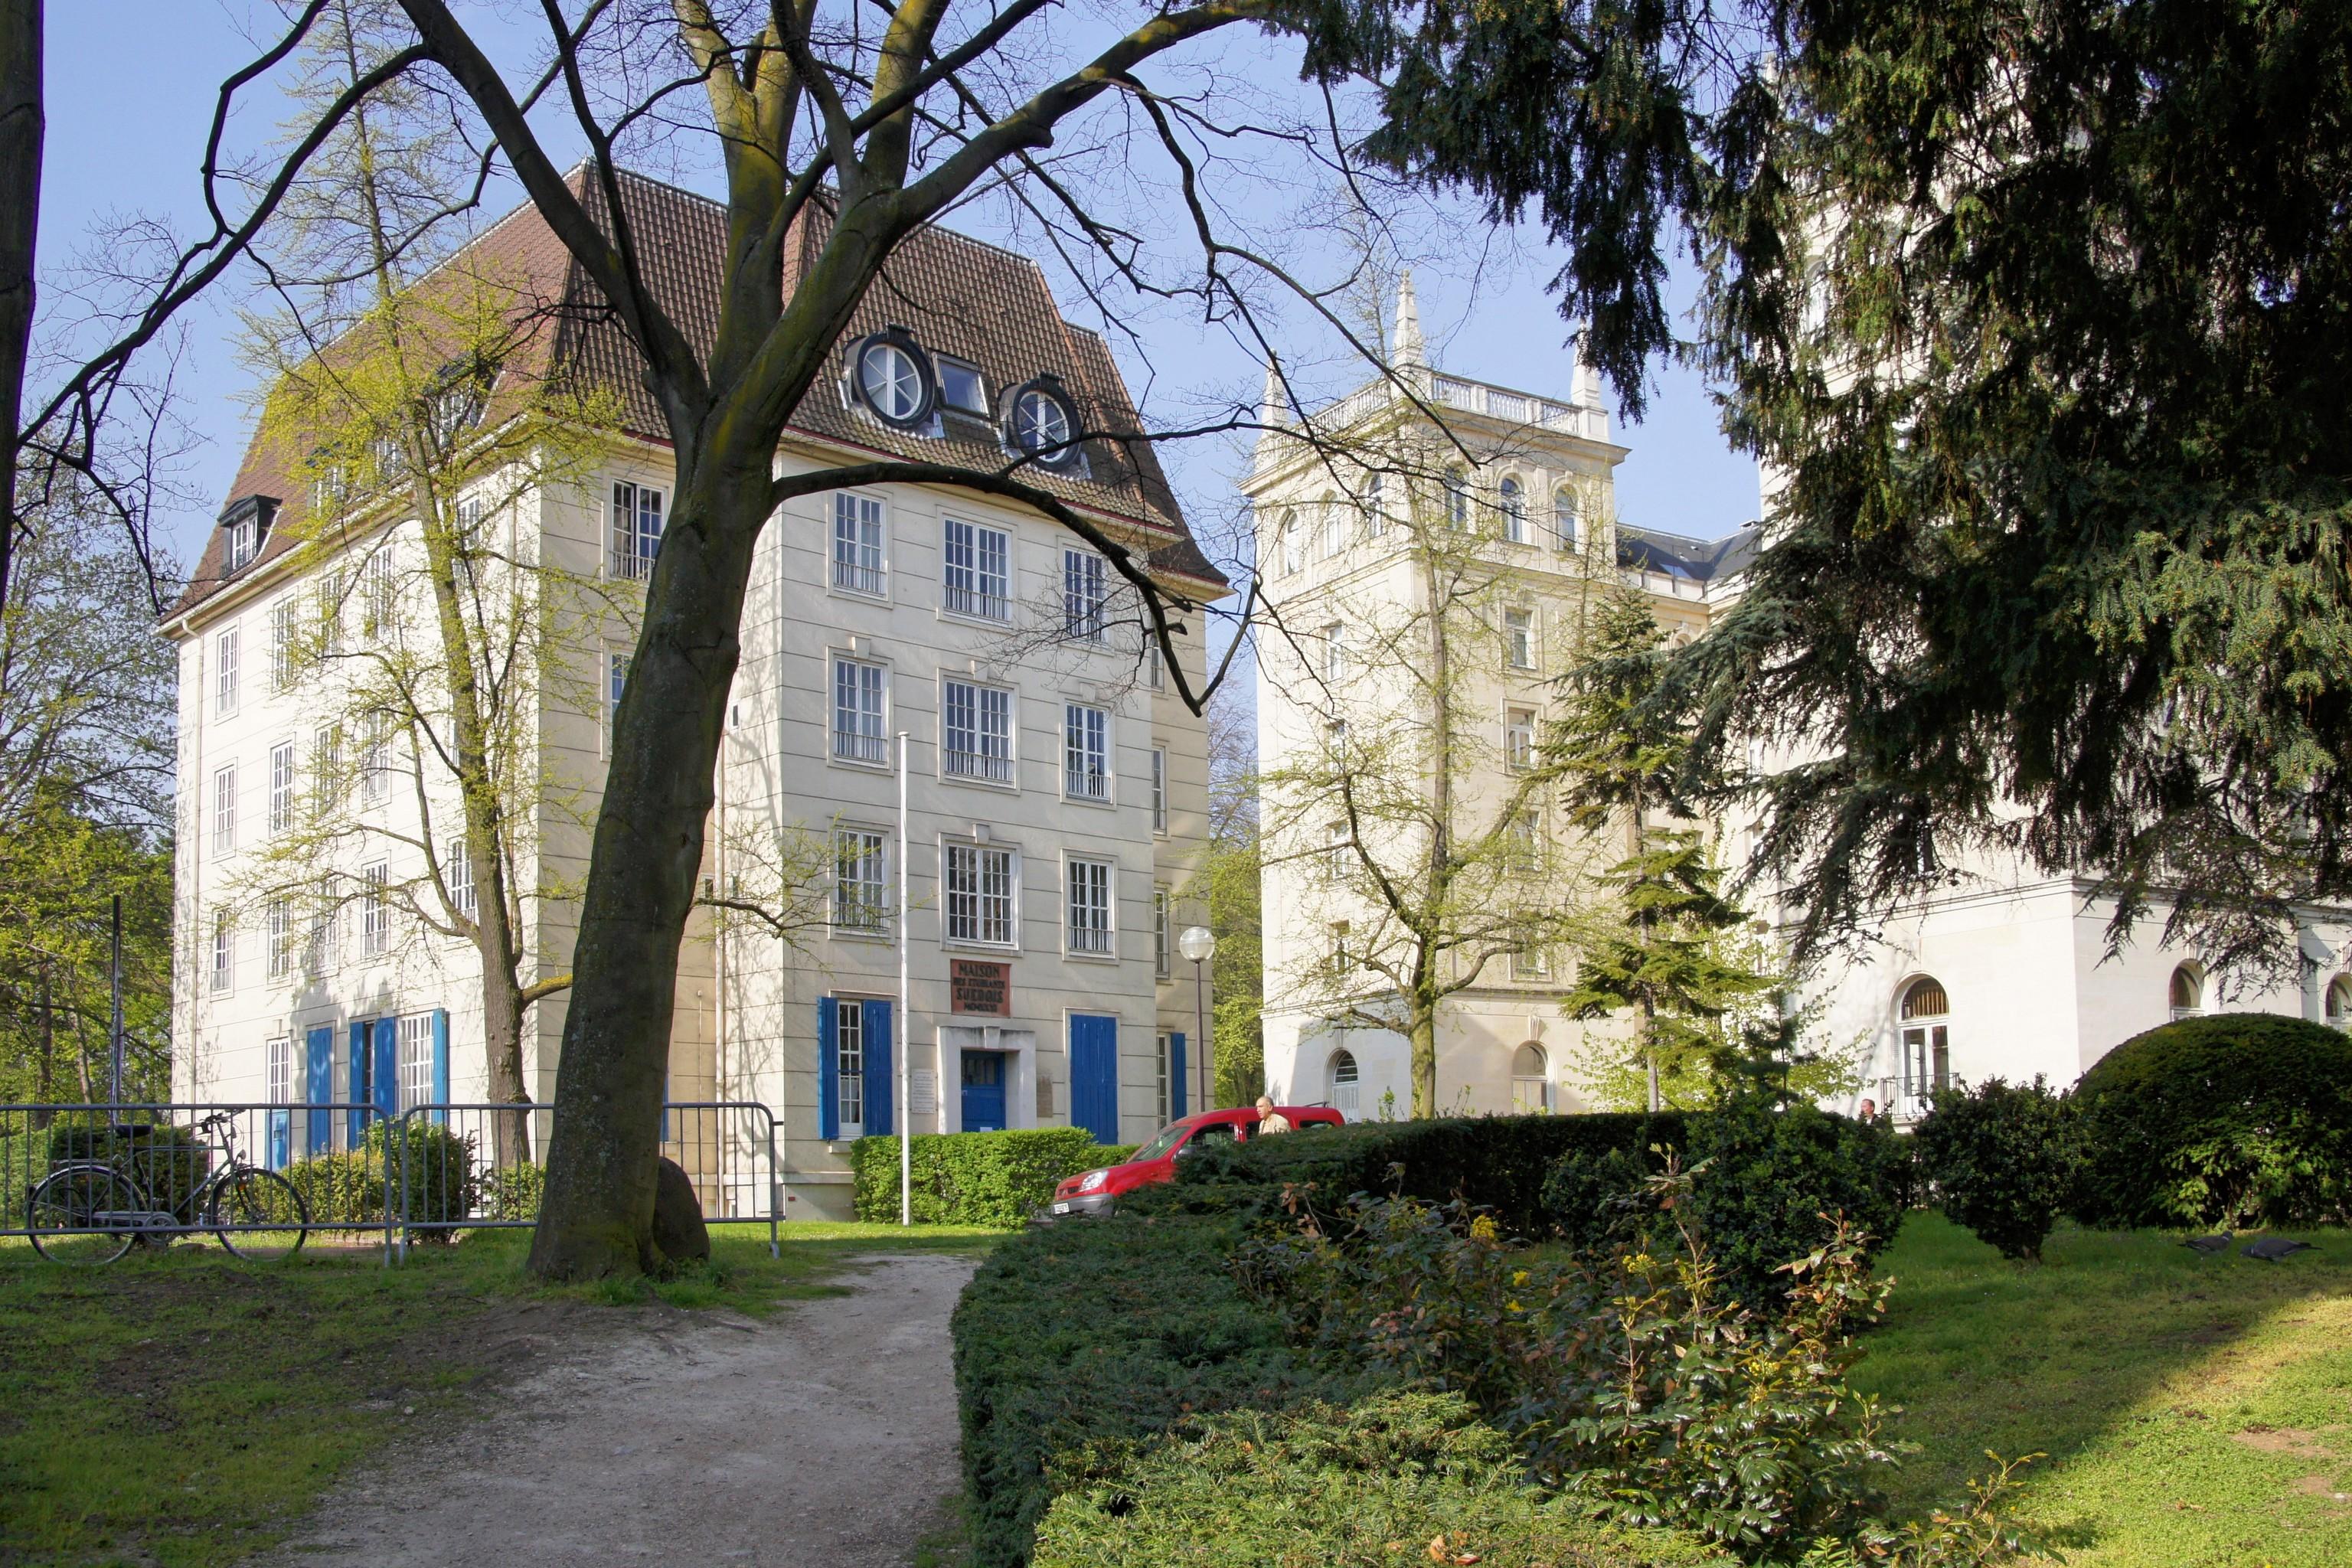 La Maison De La Suede file:maison de suède 2010 - wikimedia commons